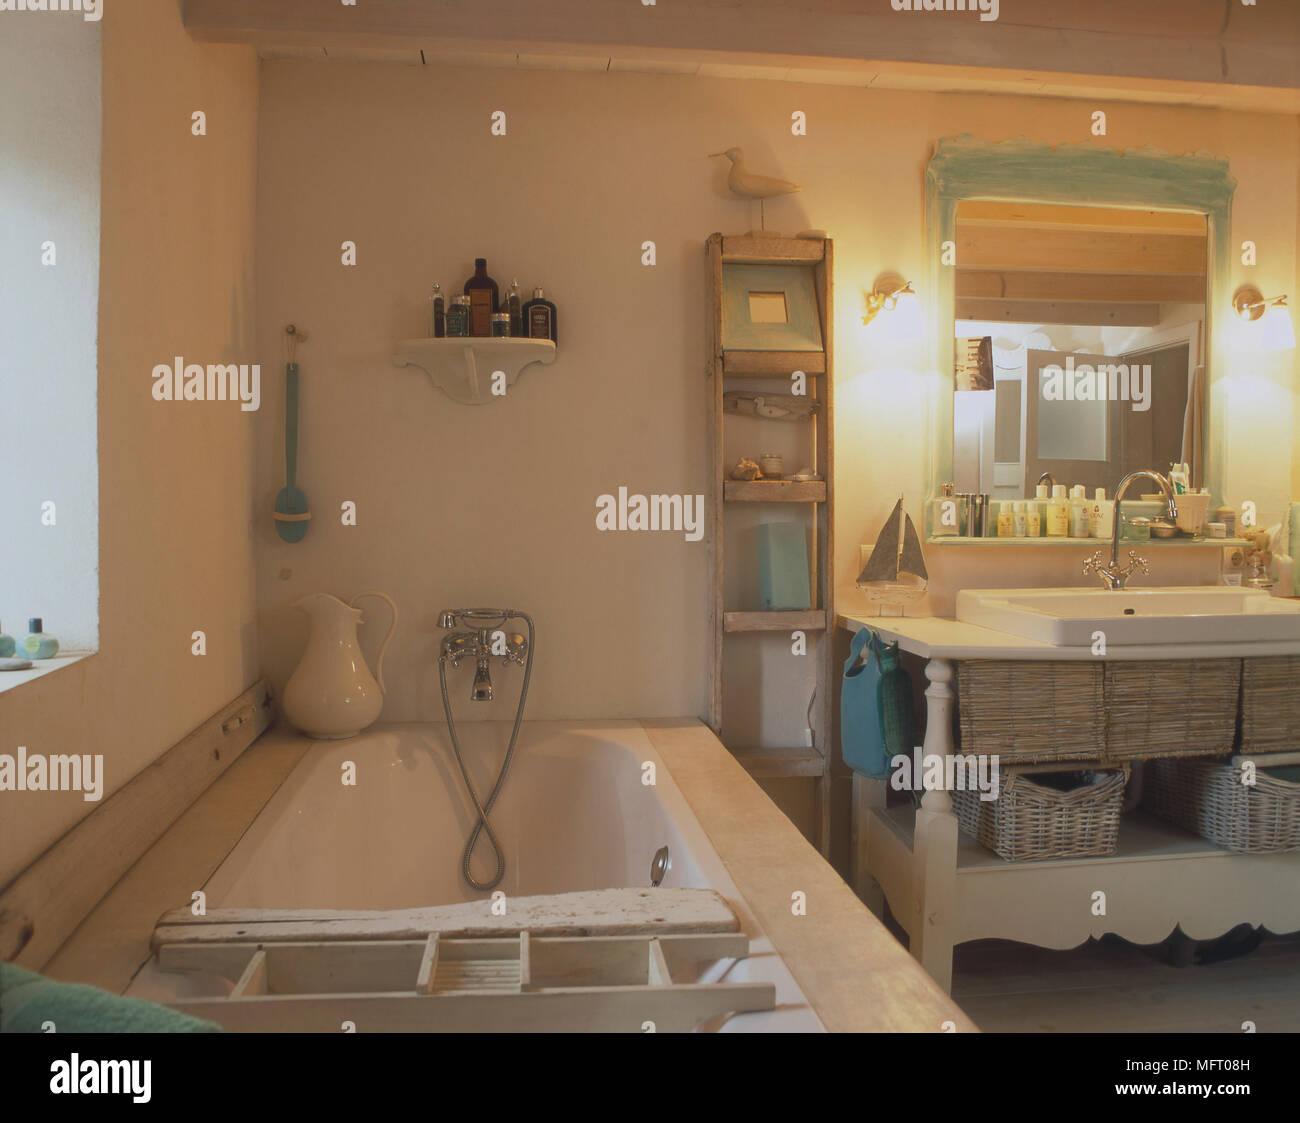 Waschbecken Waschtisch neben Badewanne im Landhausstil Badezimmer ...